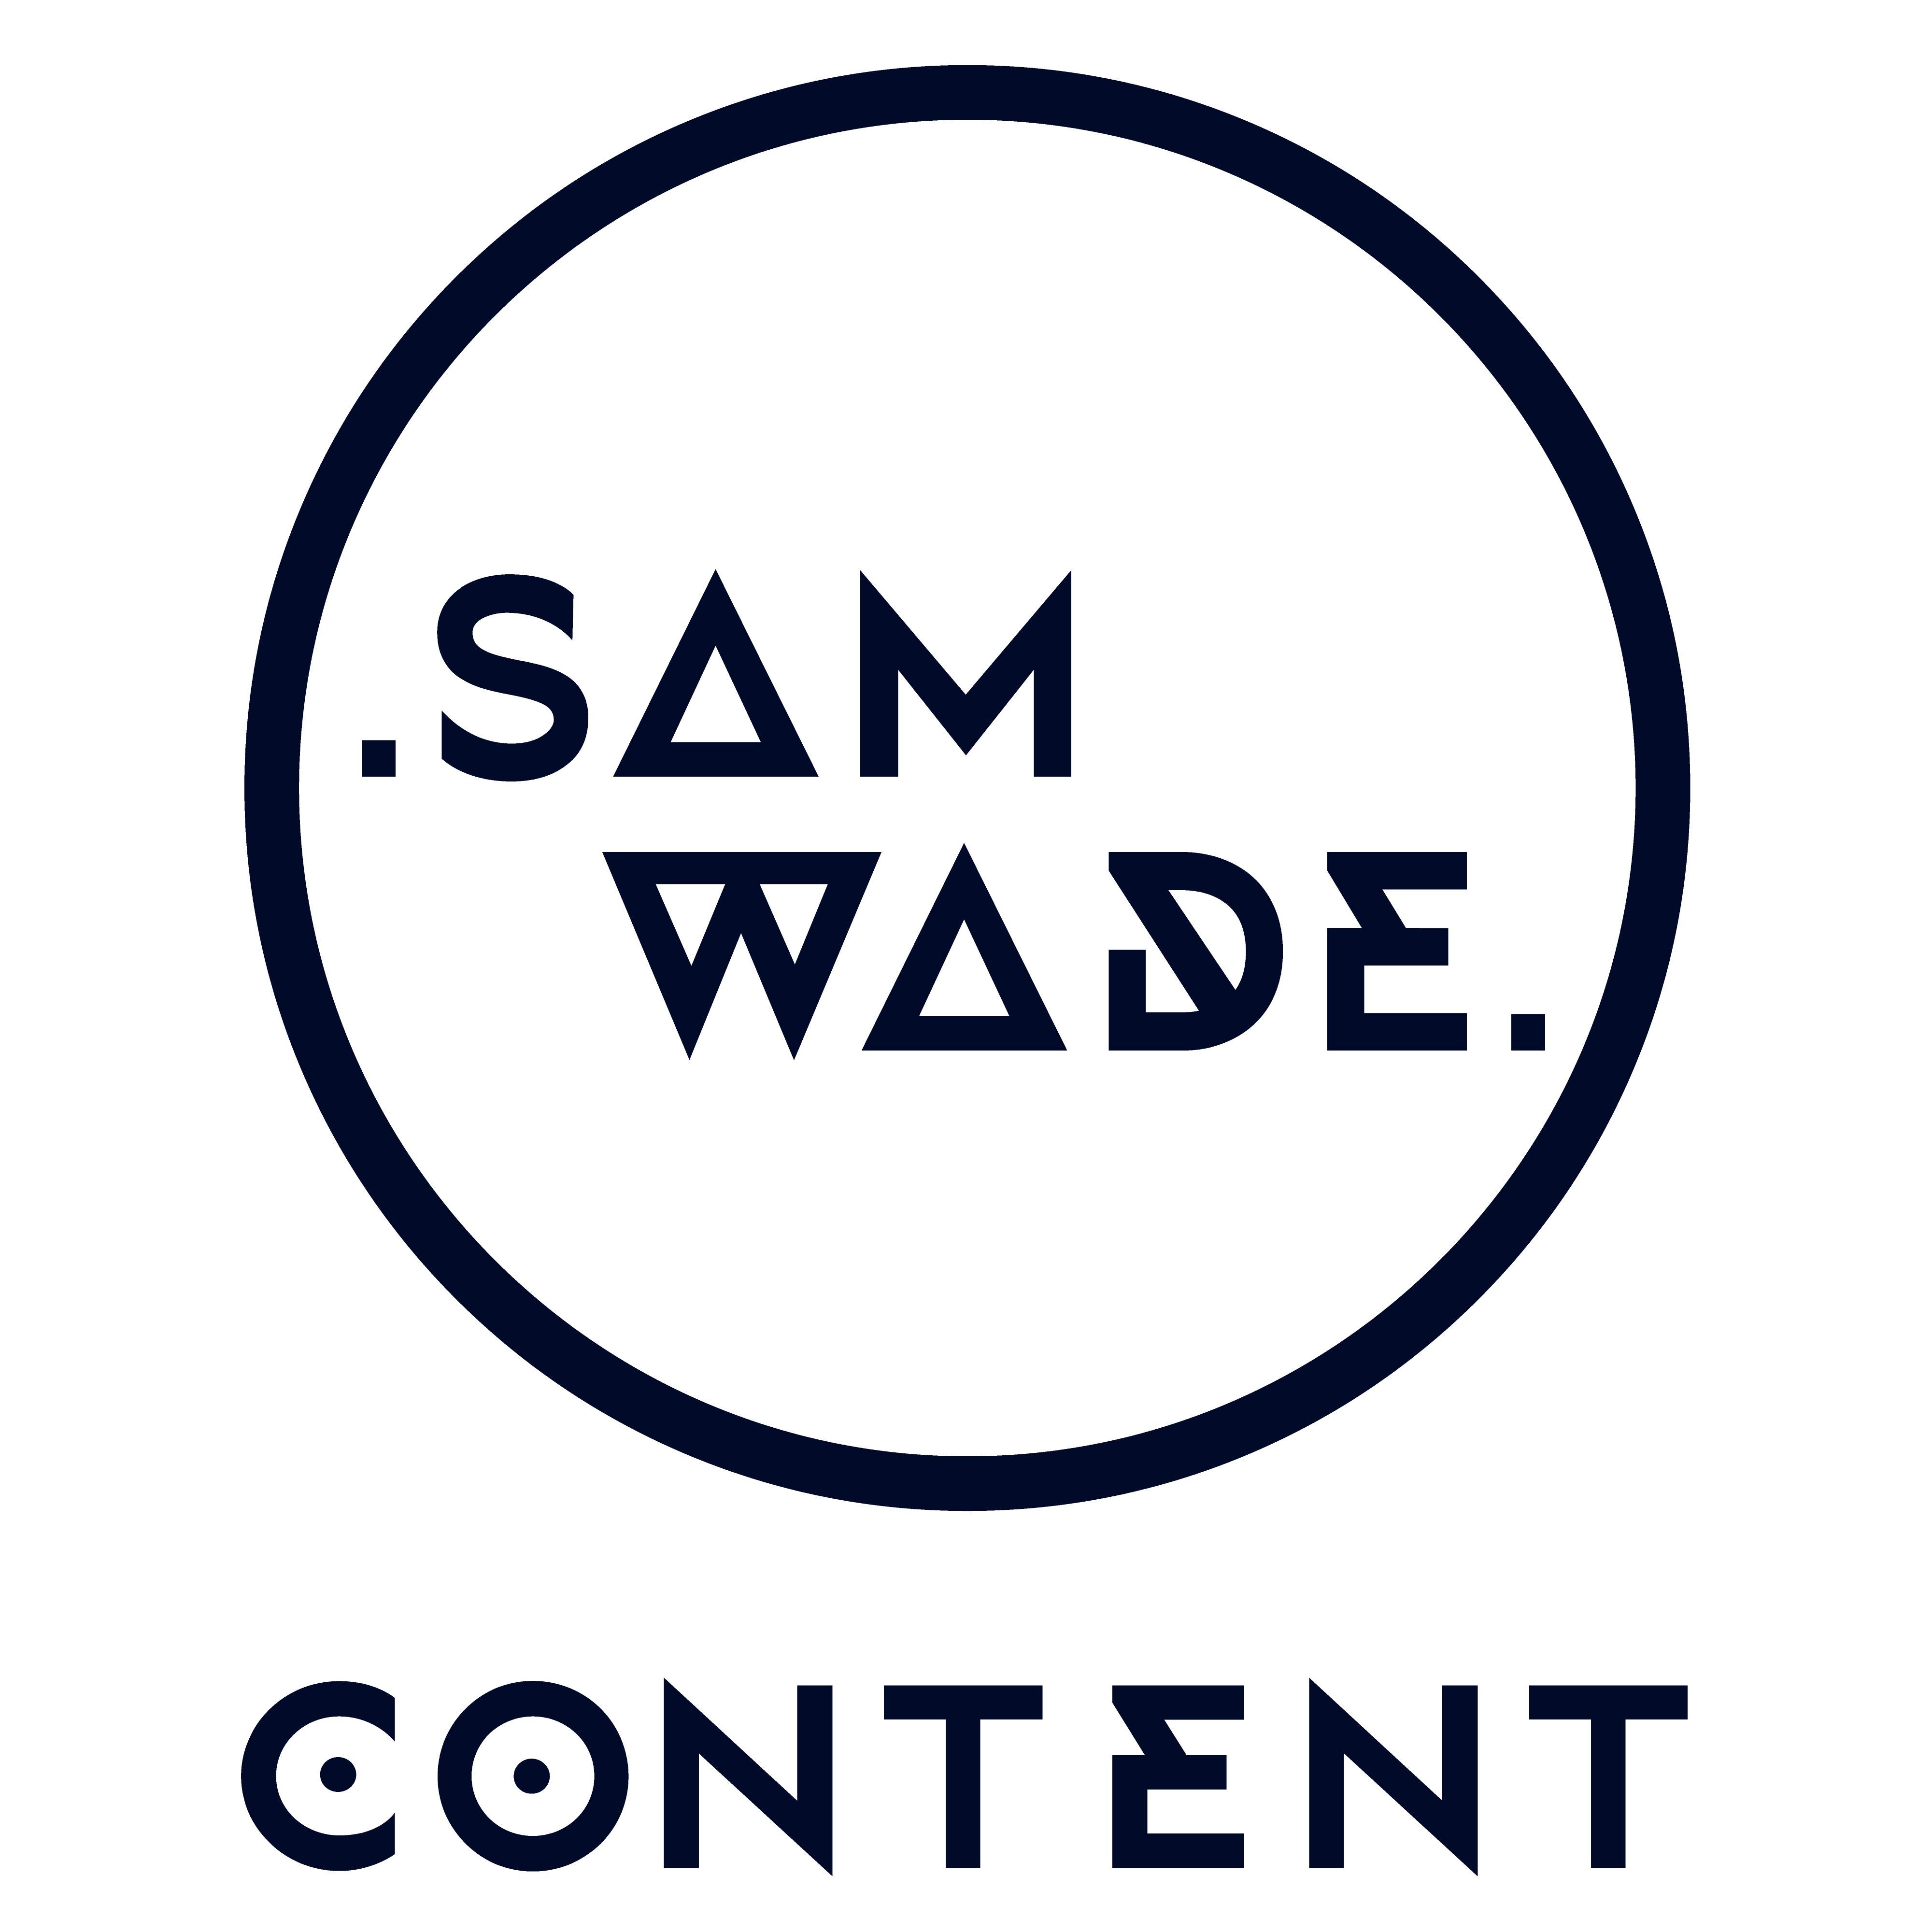 Sam Wade